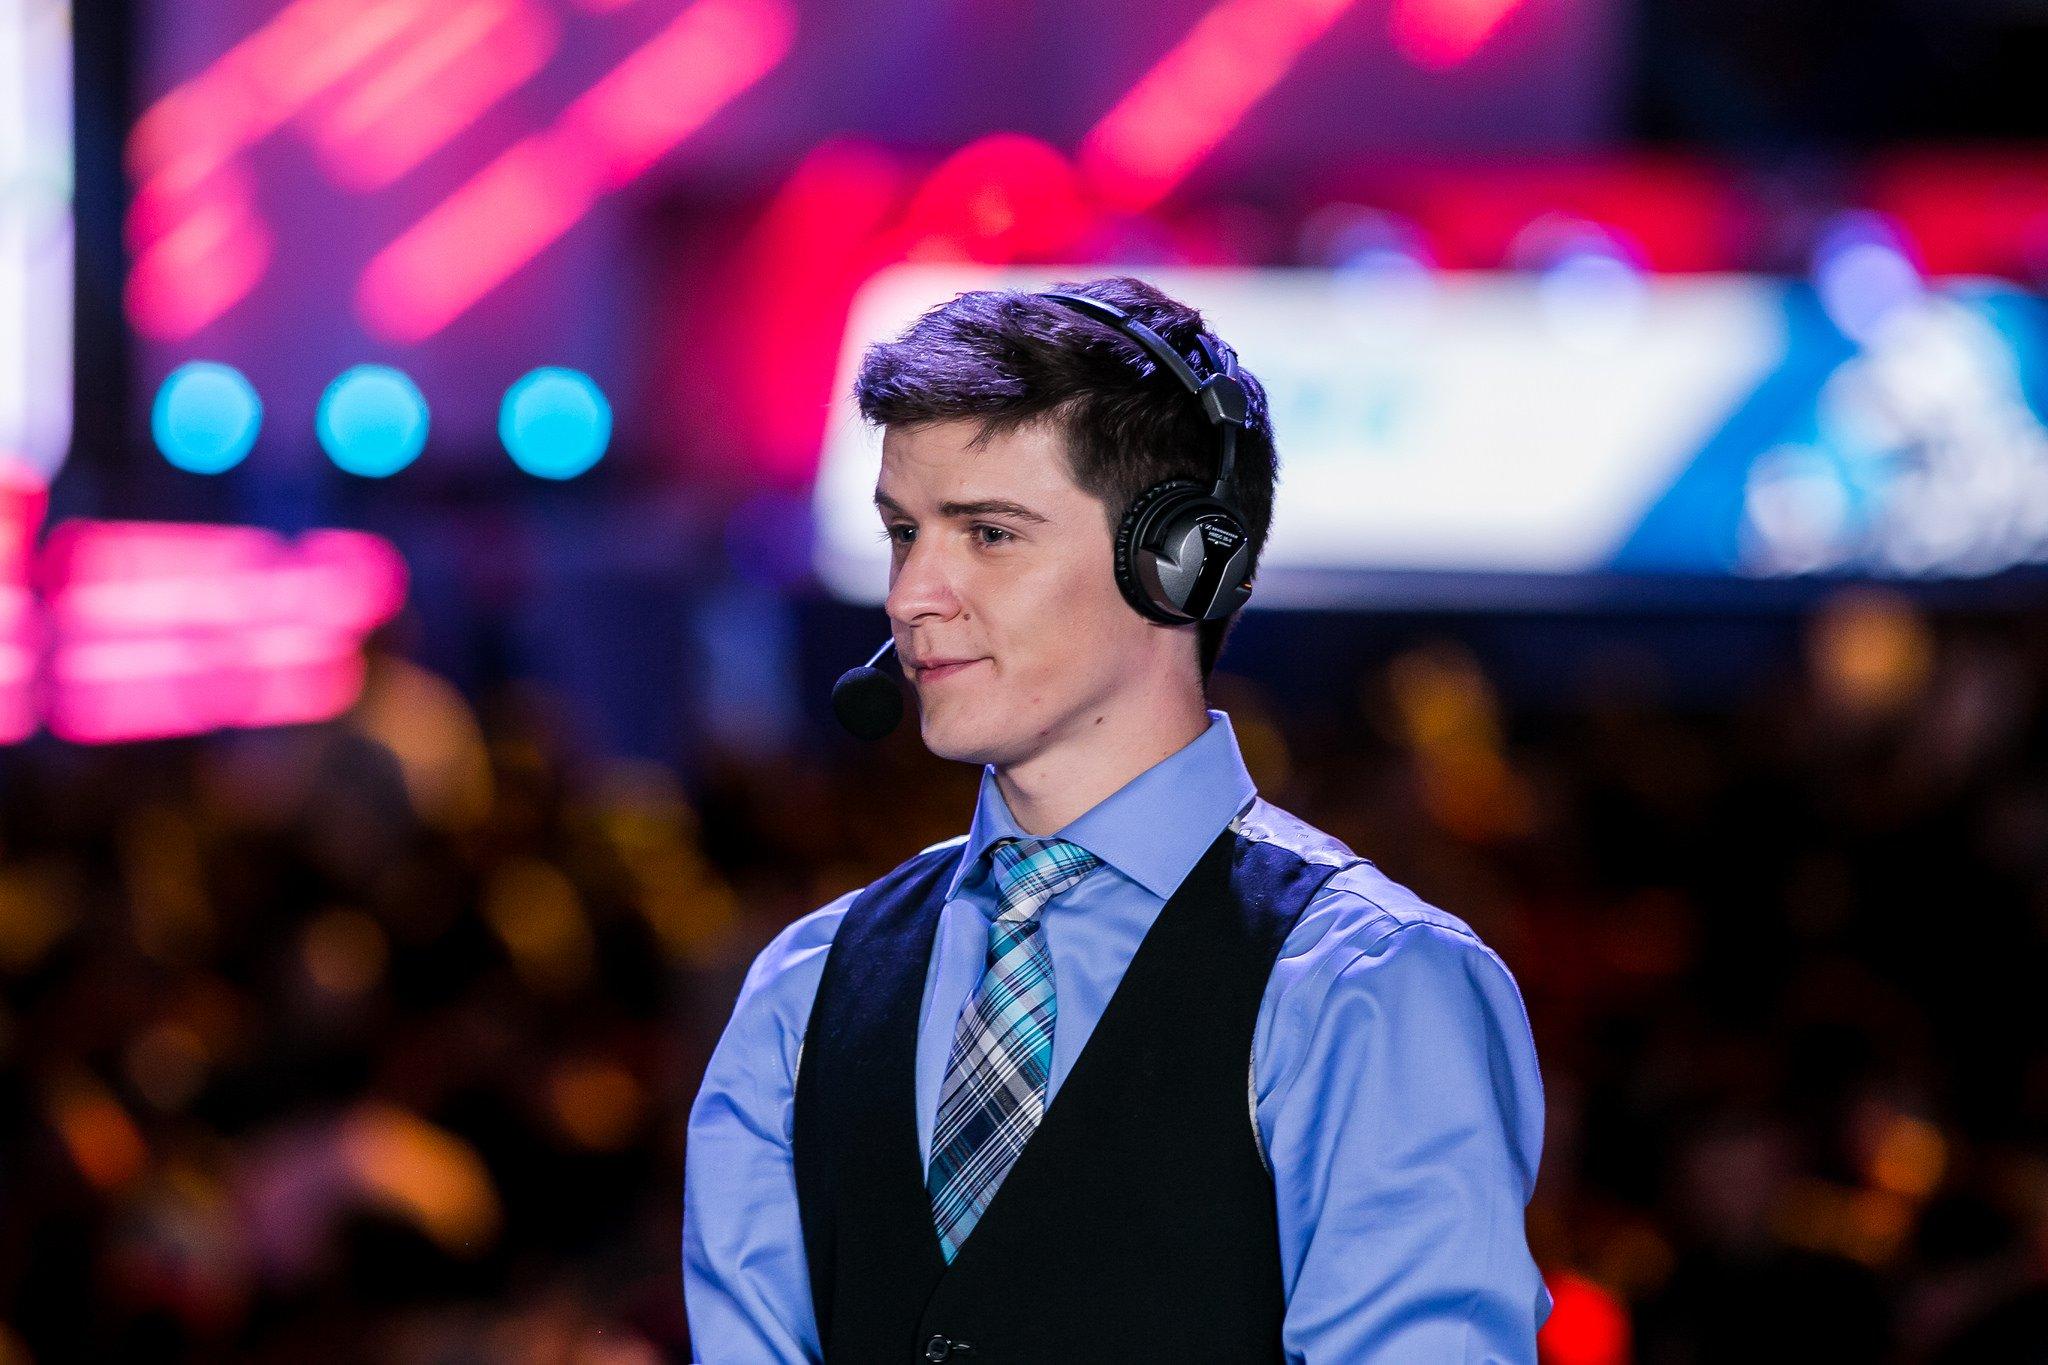 Se apaga un micrófono en Latinoamérica con la salida de José Pervan como comentarista de League of Legends